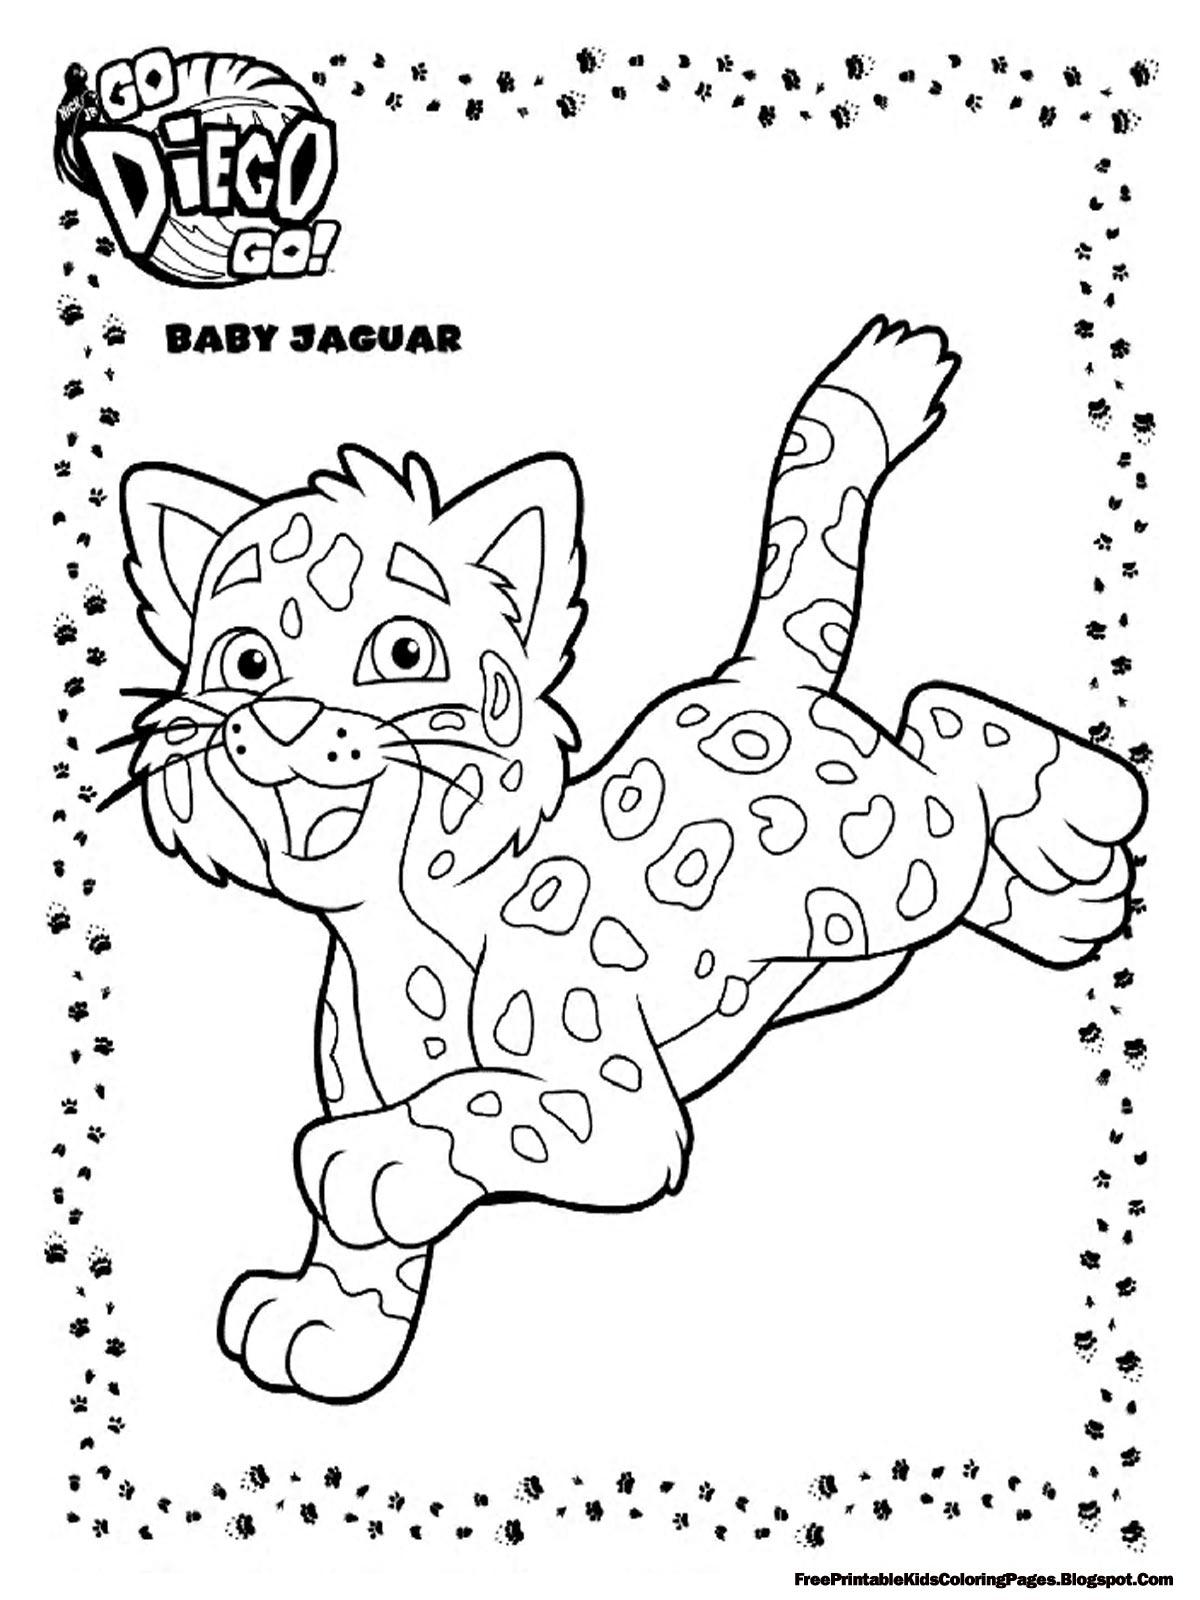 baby jaguar coloring pages jaguar step by step coloring pages baby jaguar pages coloring